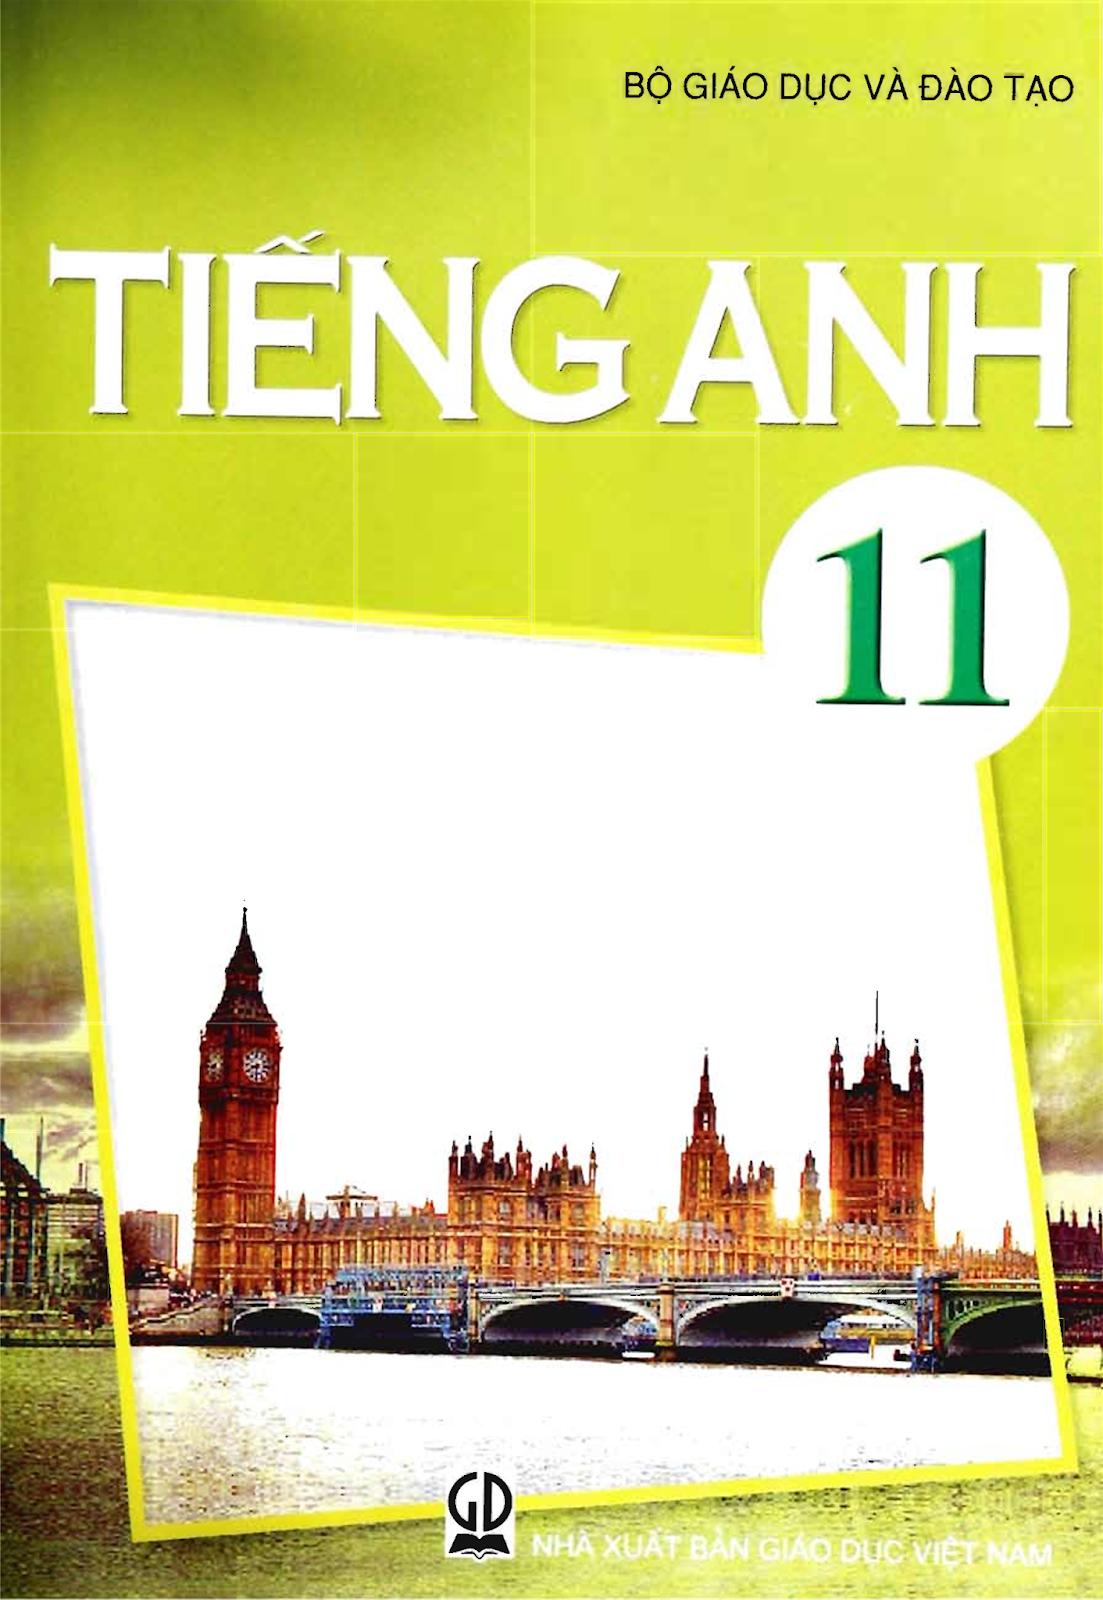 Sách giáo khoa Tiếng Anh 11